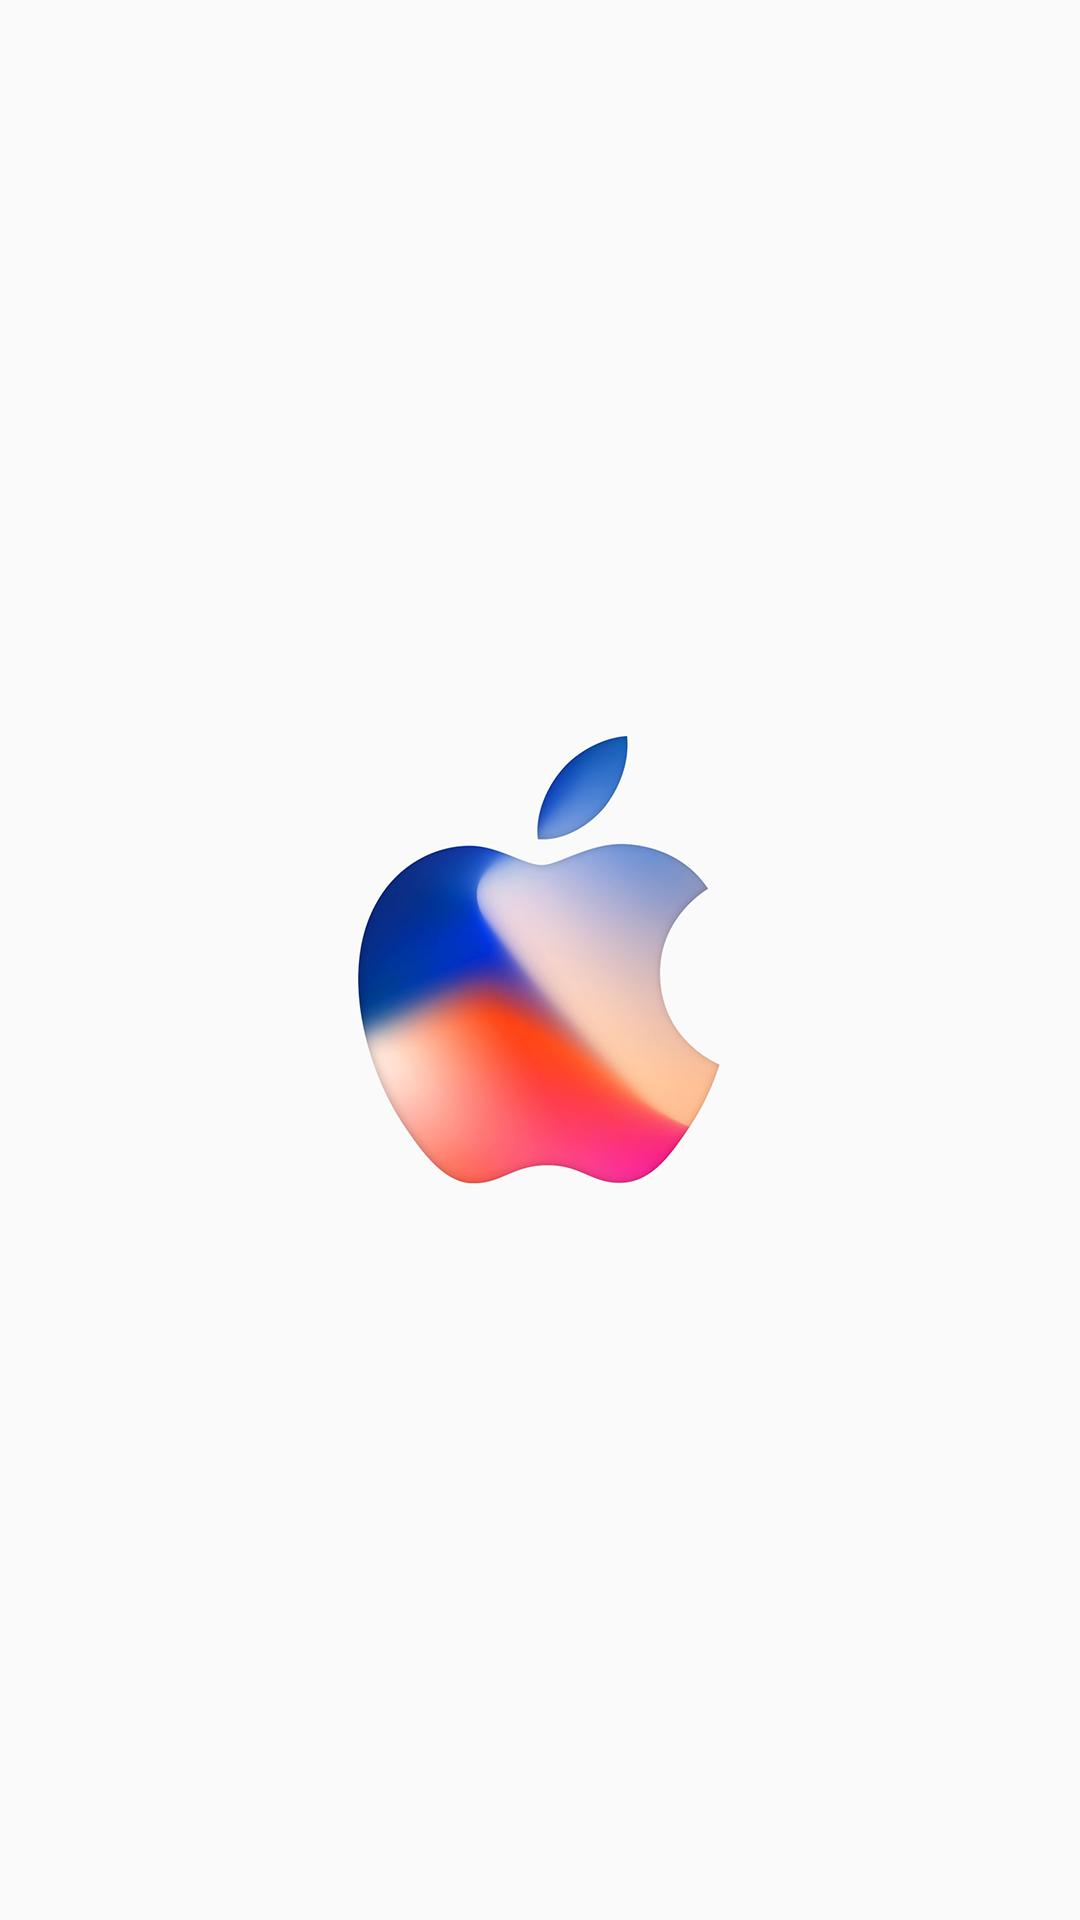 Appleスペシャルイベントの招待状をデザインした壁紙が多数公開 Iphone Mania